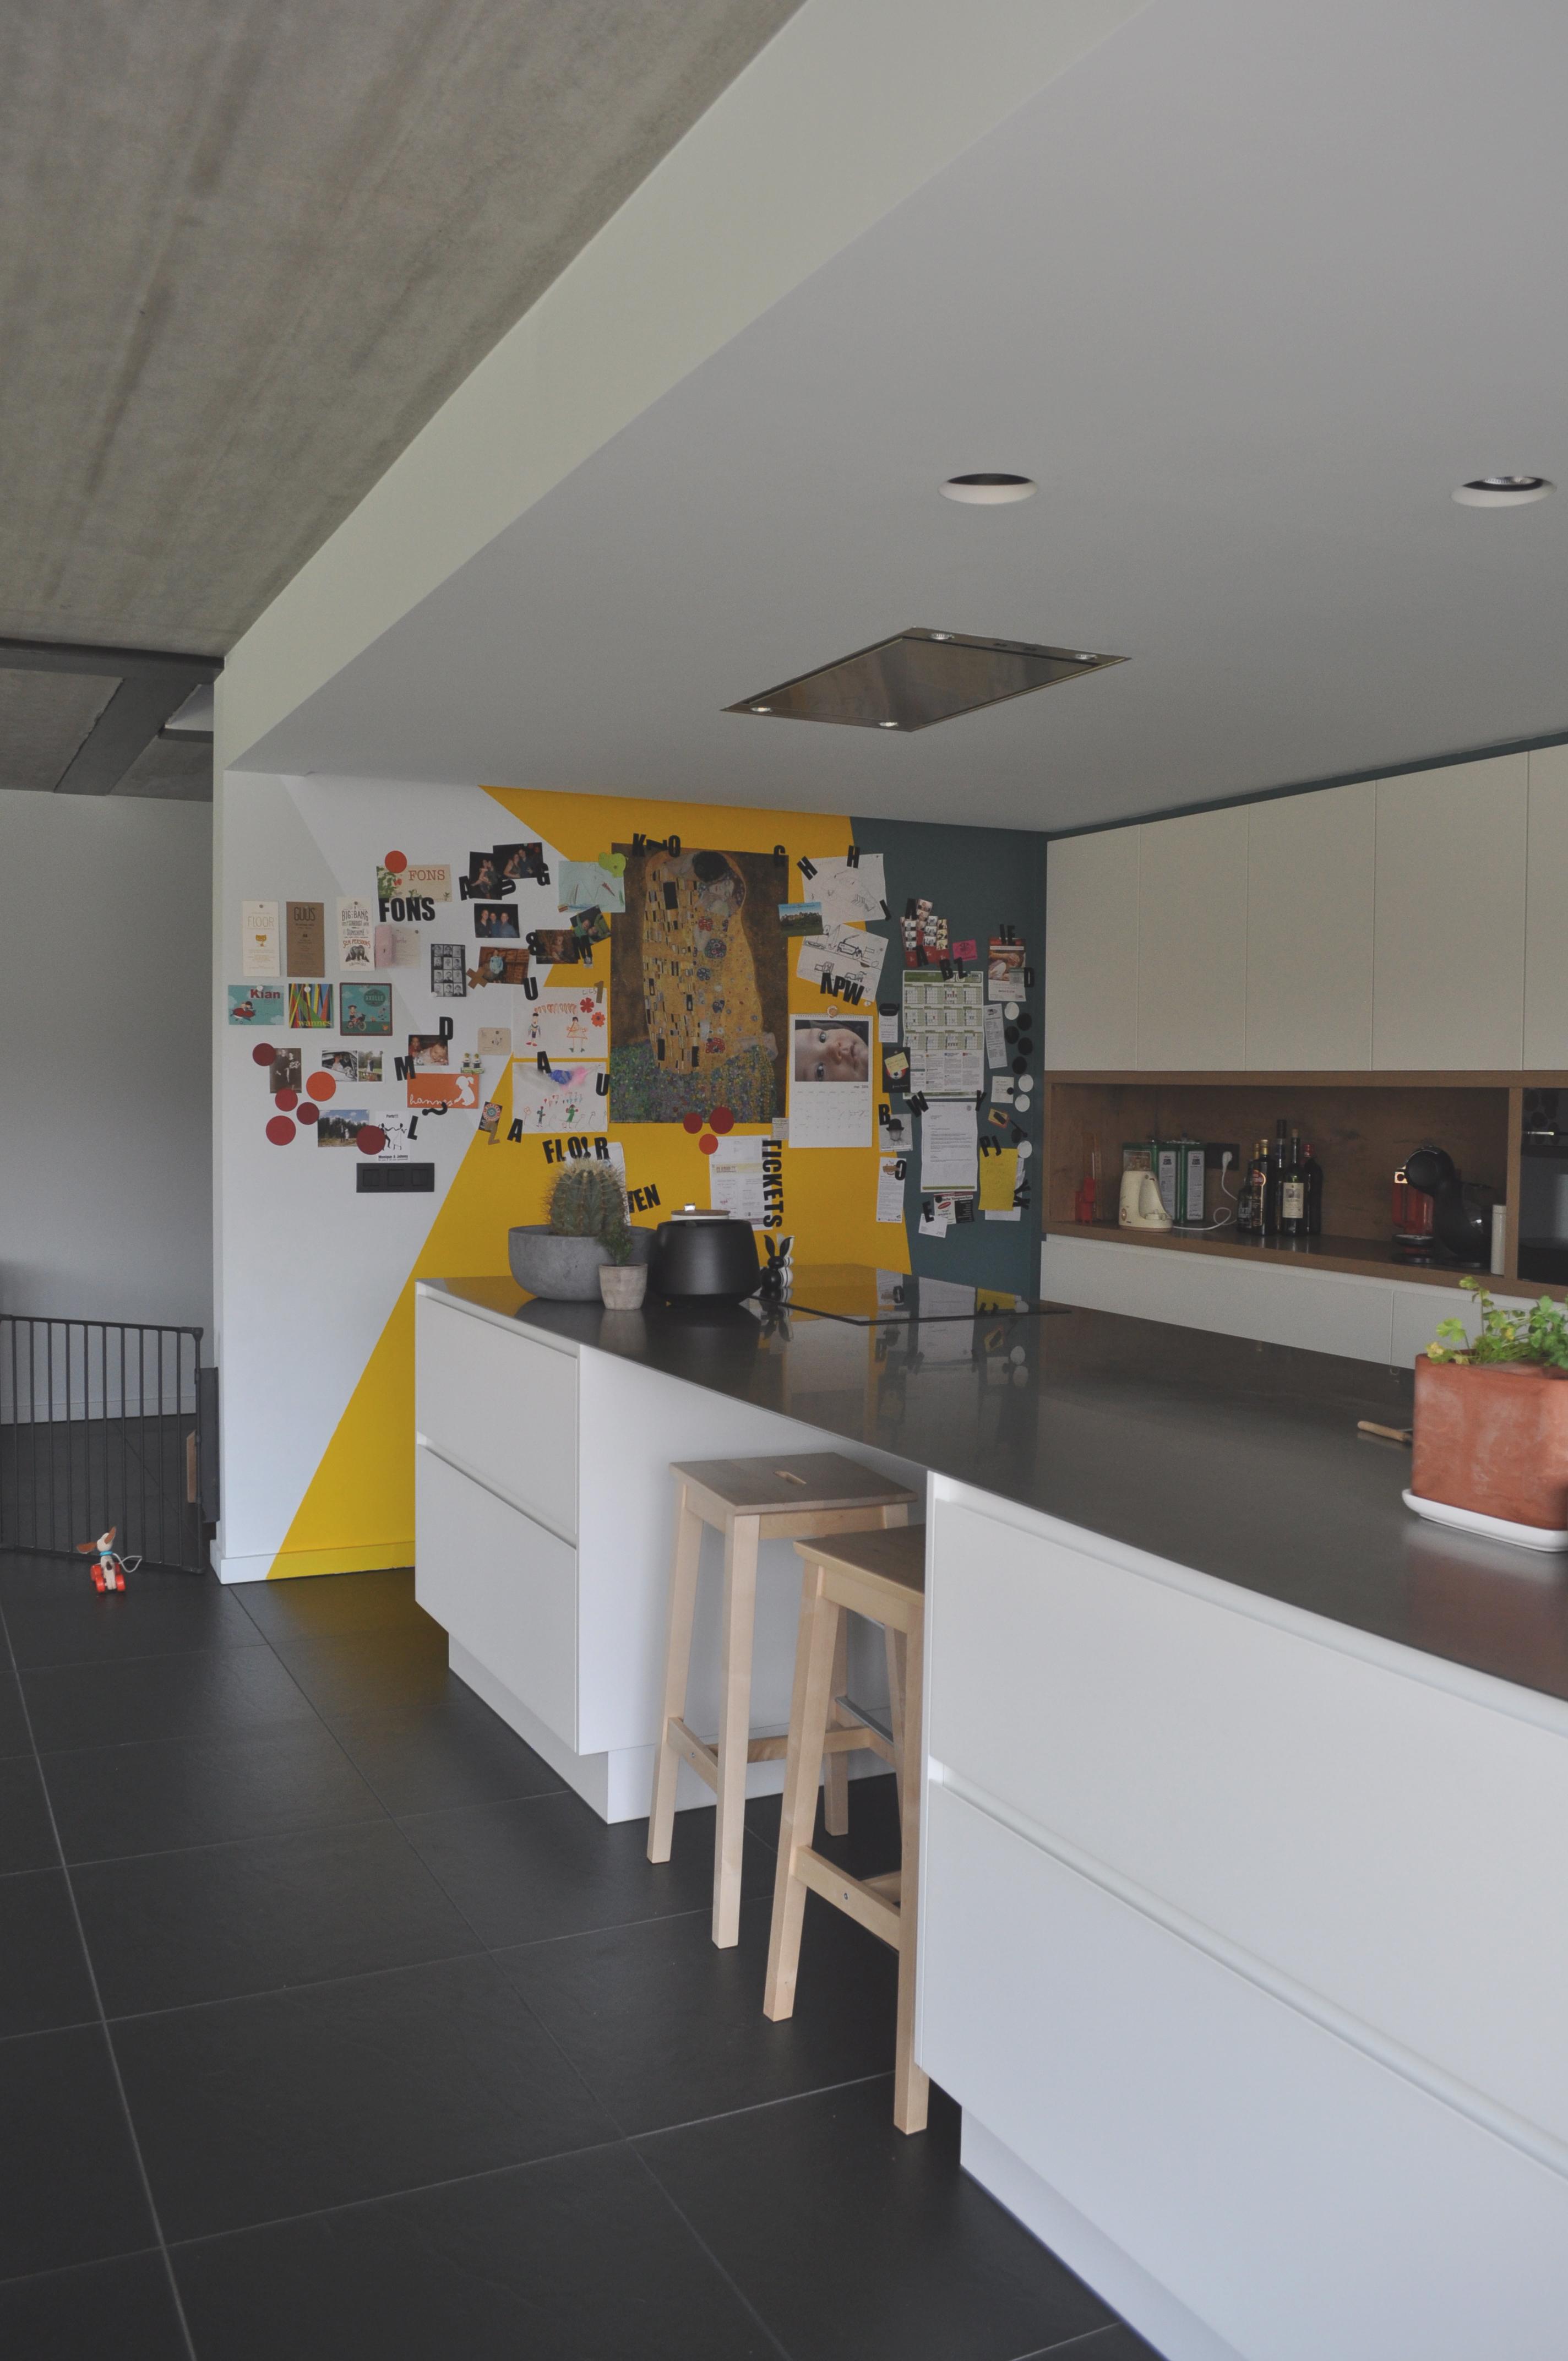 interieur ontwerp keuken